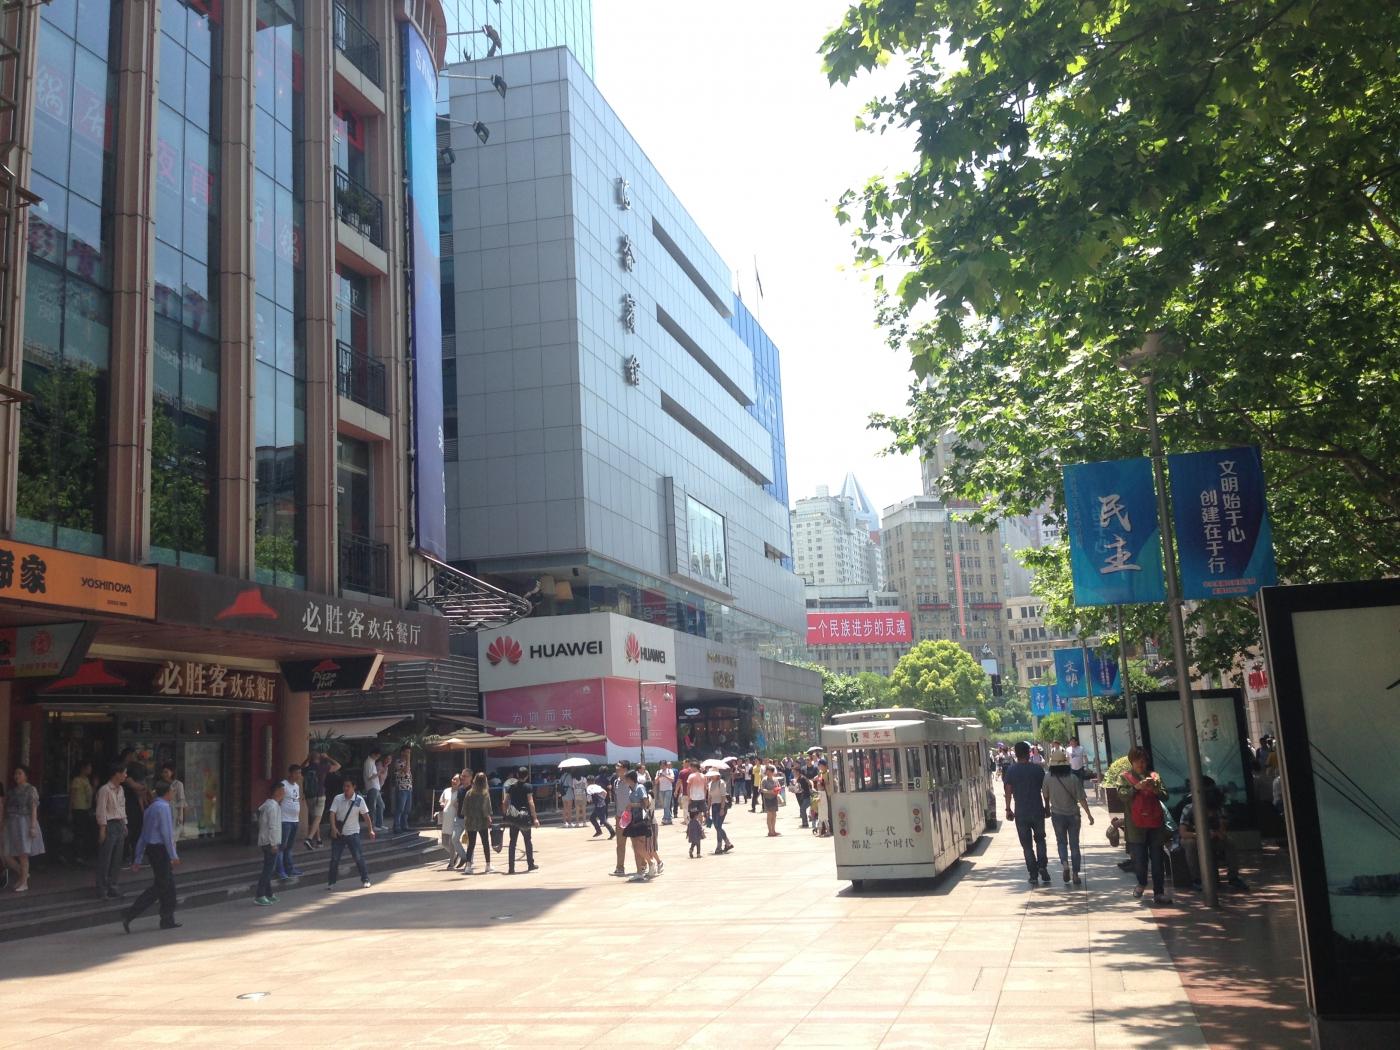 闲逛上海看街景_图1-1